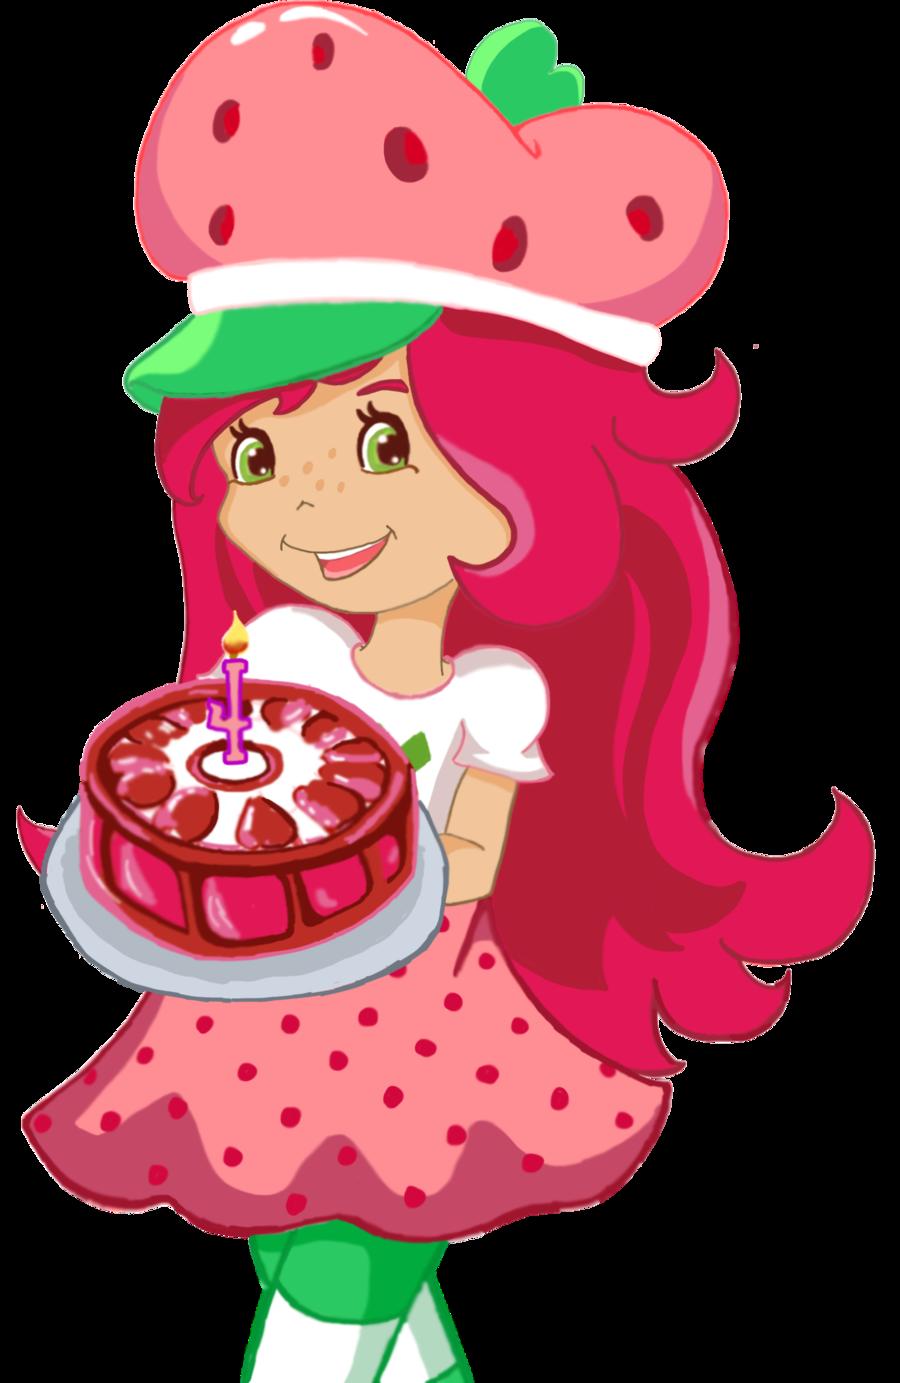 Shortcake by anjiookami. Eyes clipart strawberry